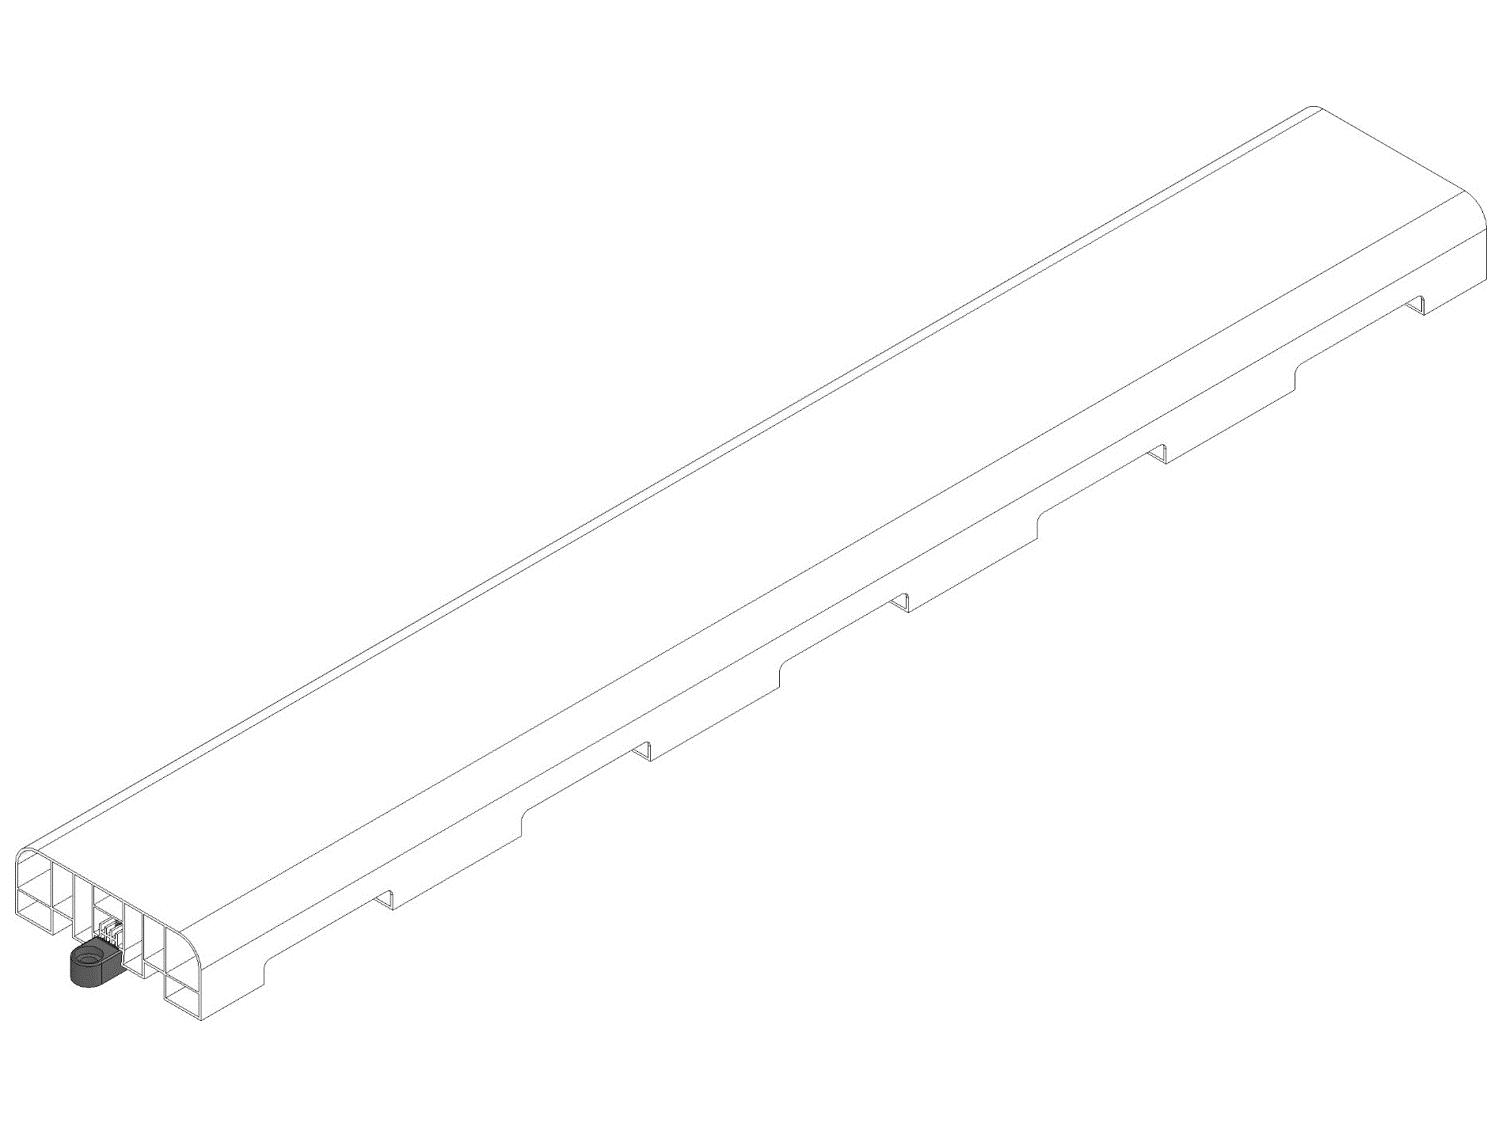 50125_Produktdarstellung